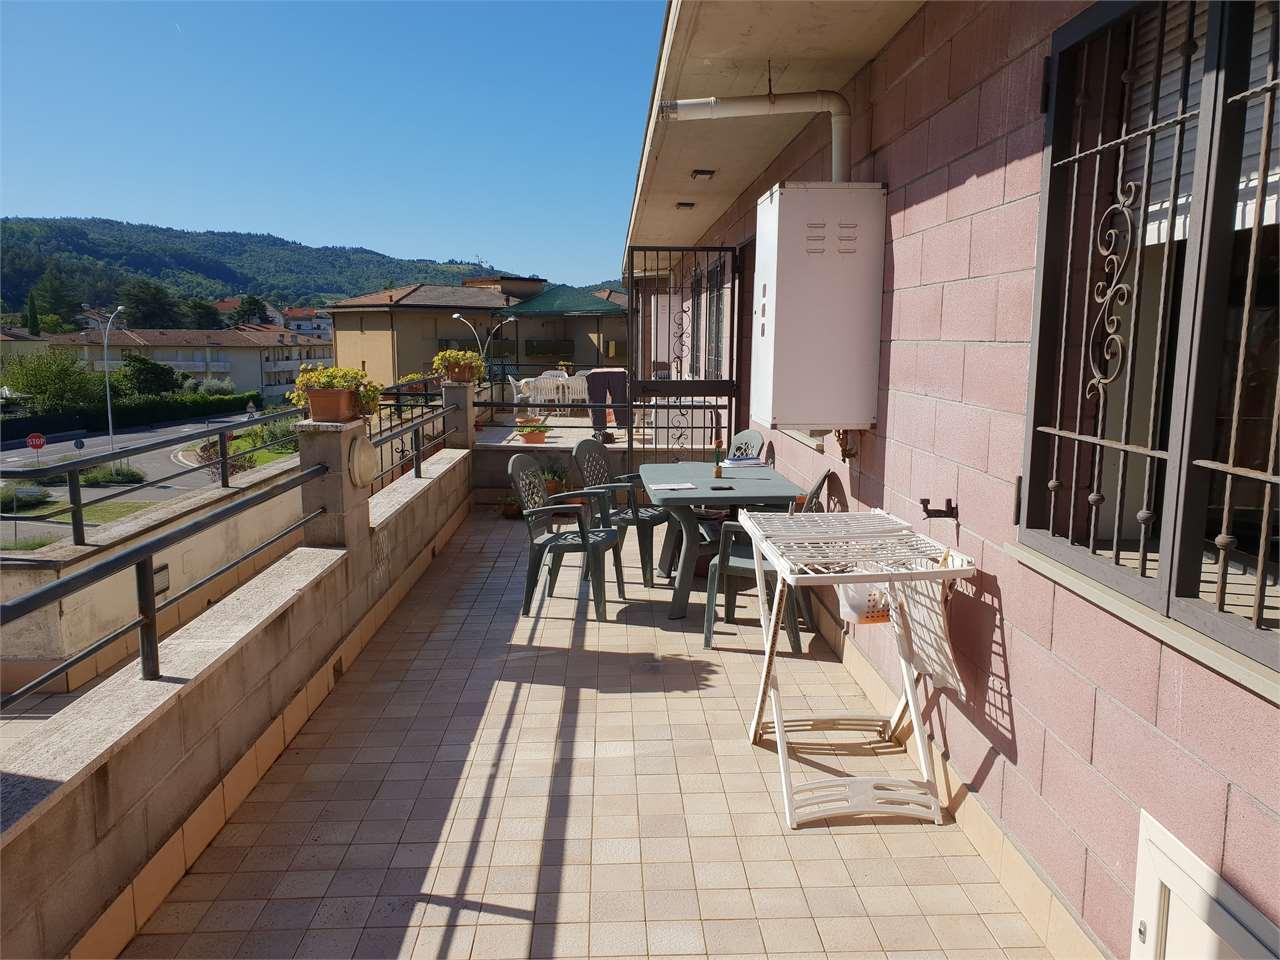 Appartamento in vendita a Subbiano, 3 locali, prezzo € 80.000 | CambioCasa.it